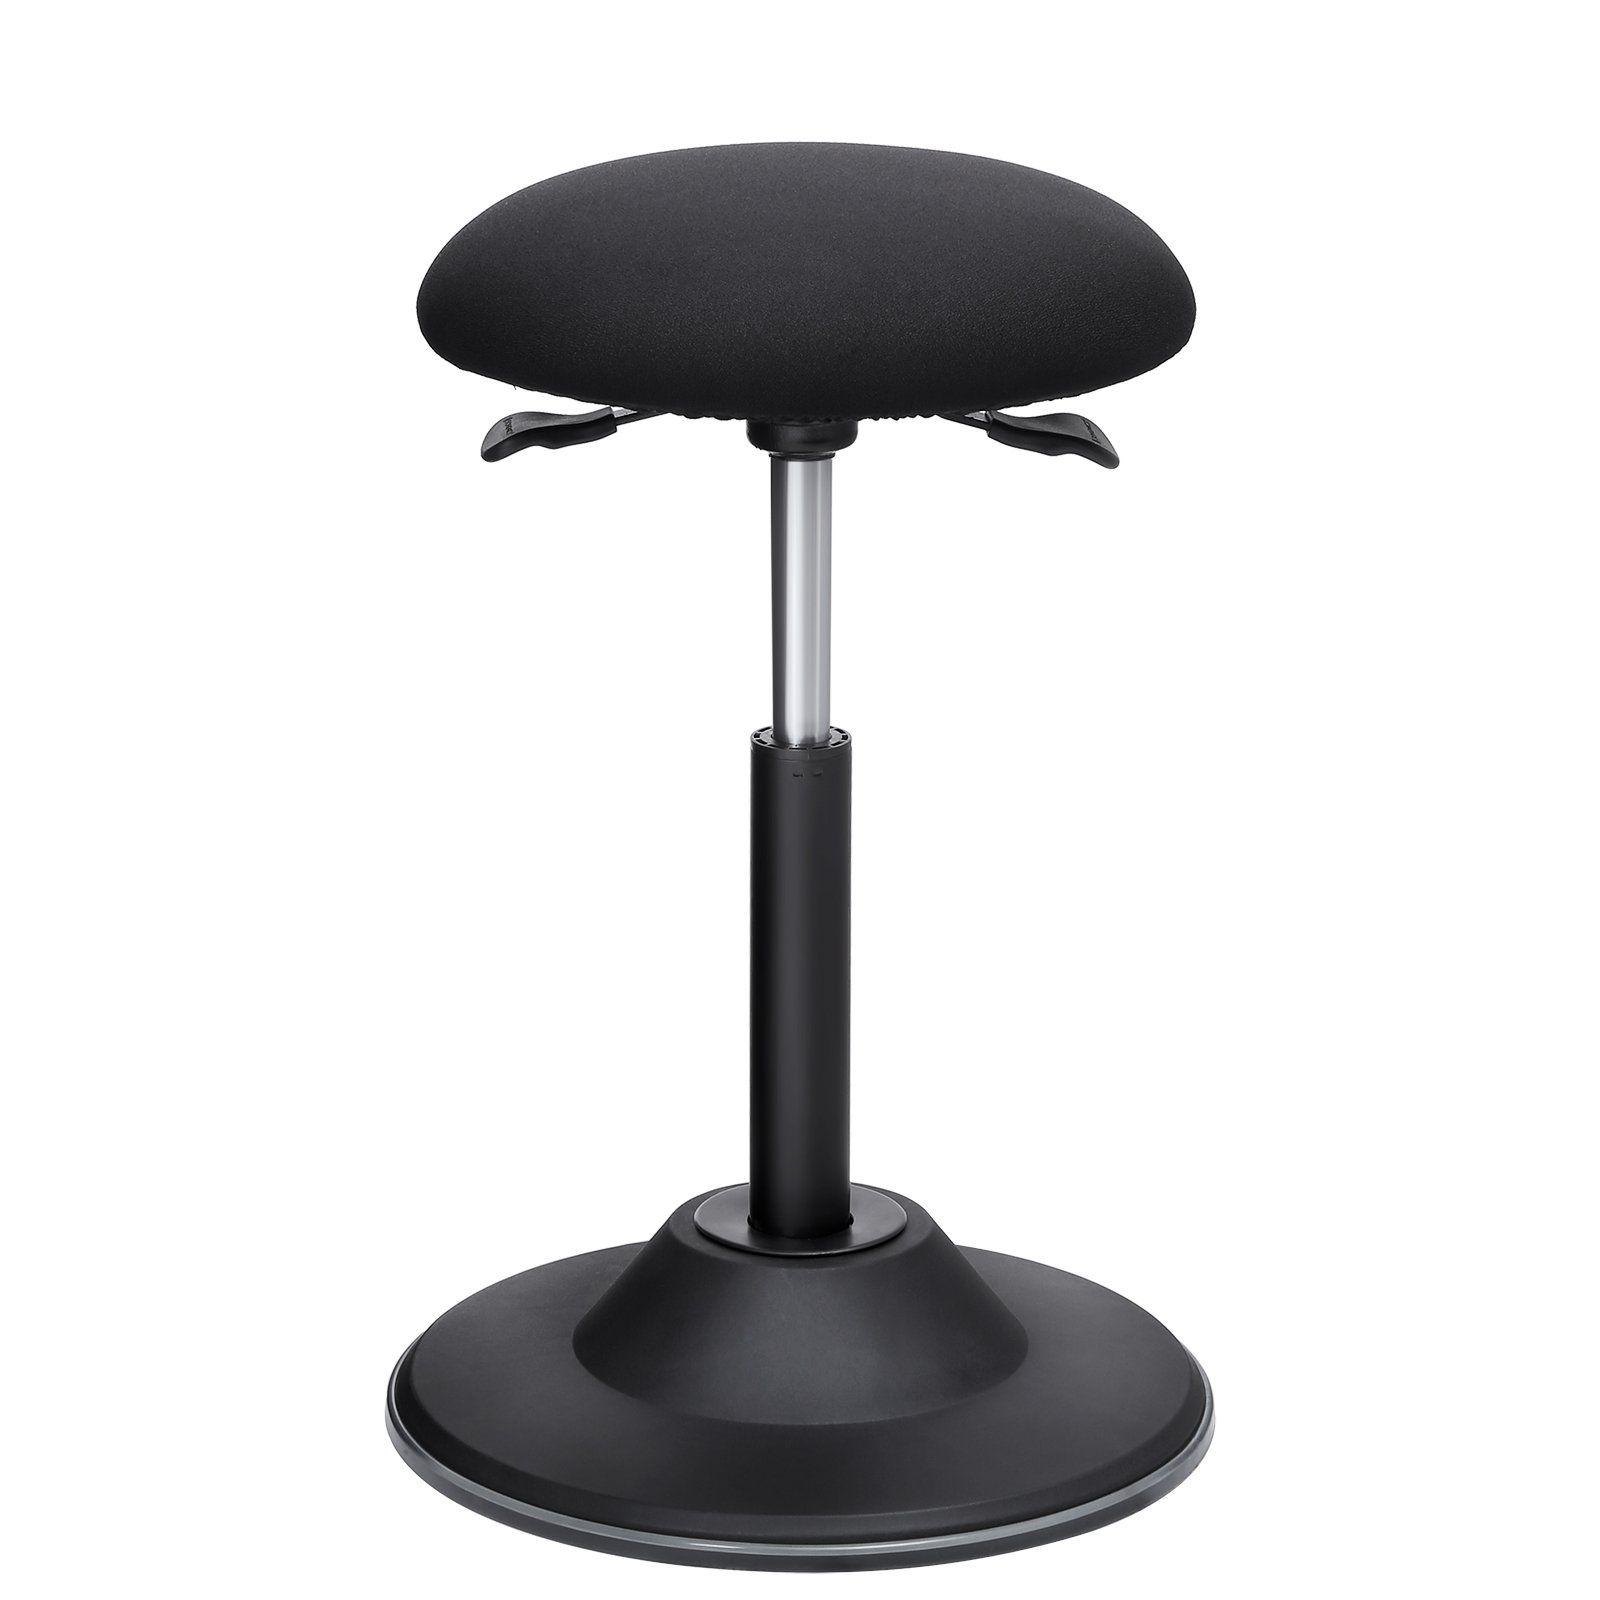 Songmics standing desk chair adjustable height ergonomic